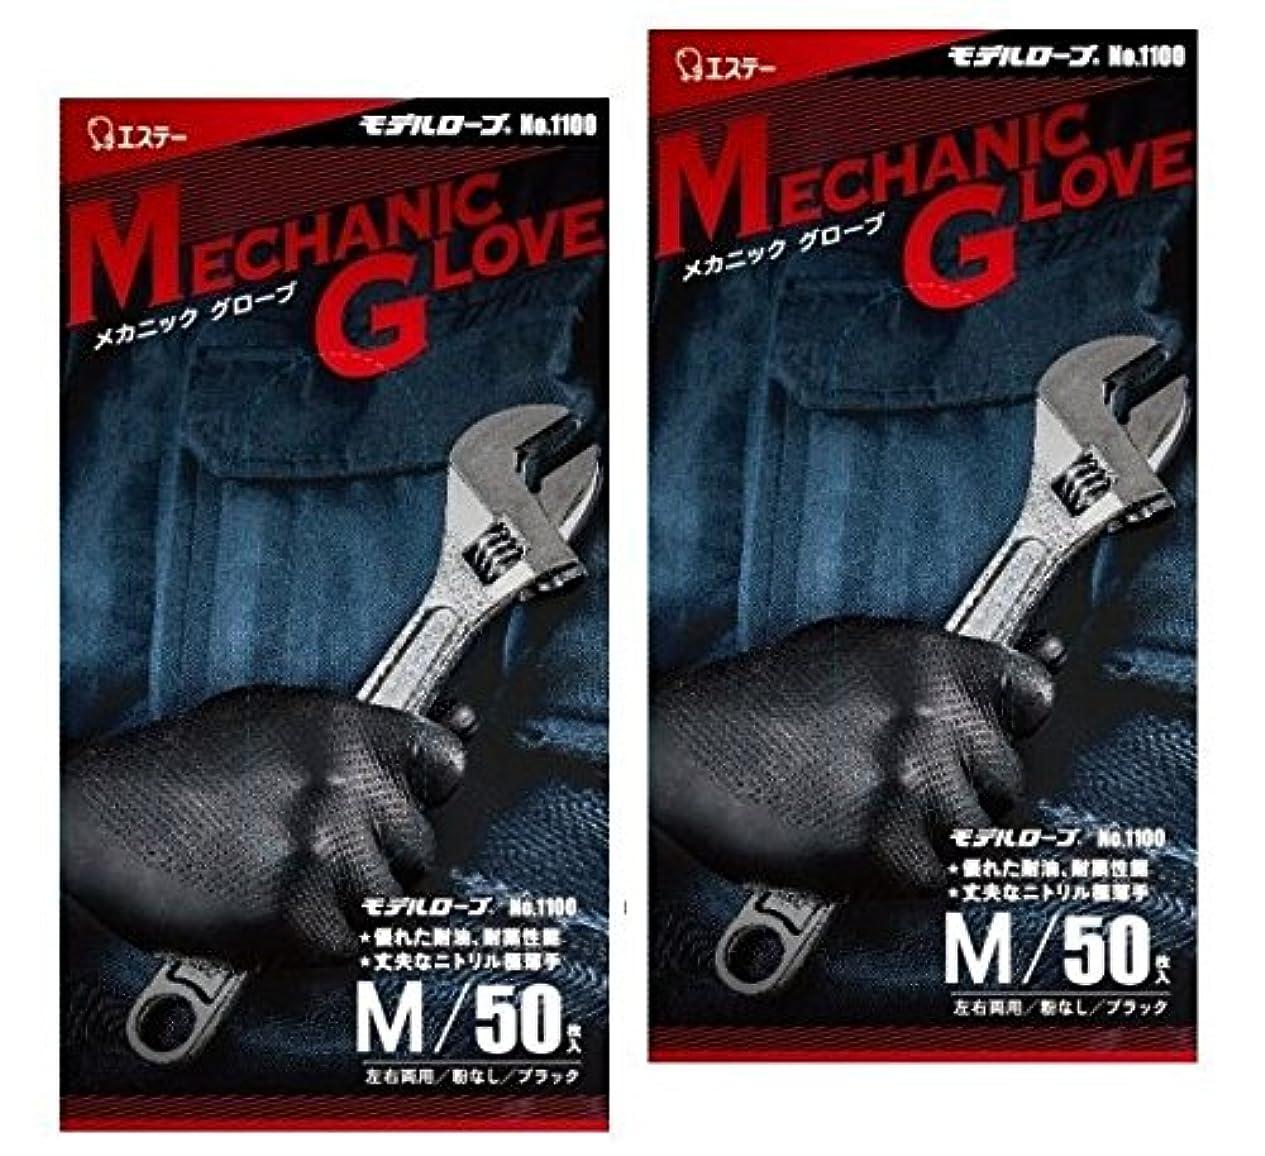 年齢名門マーキー【2箱組】モデルローブ No.1100 メカニックグローブ Mサイズ ブラック 50枚